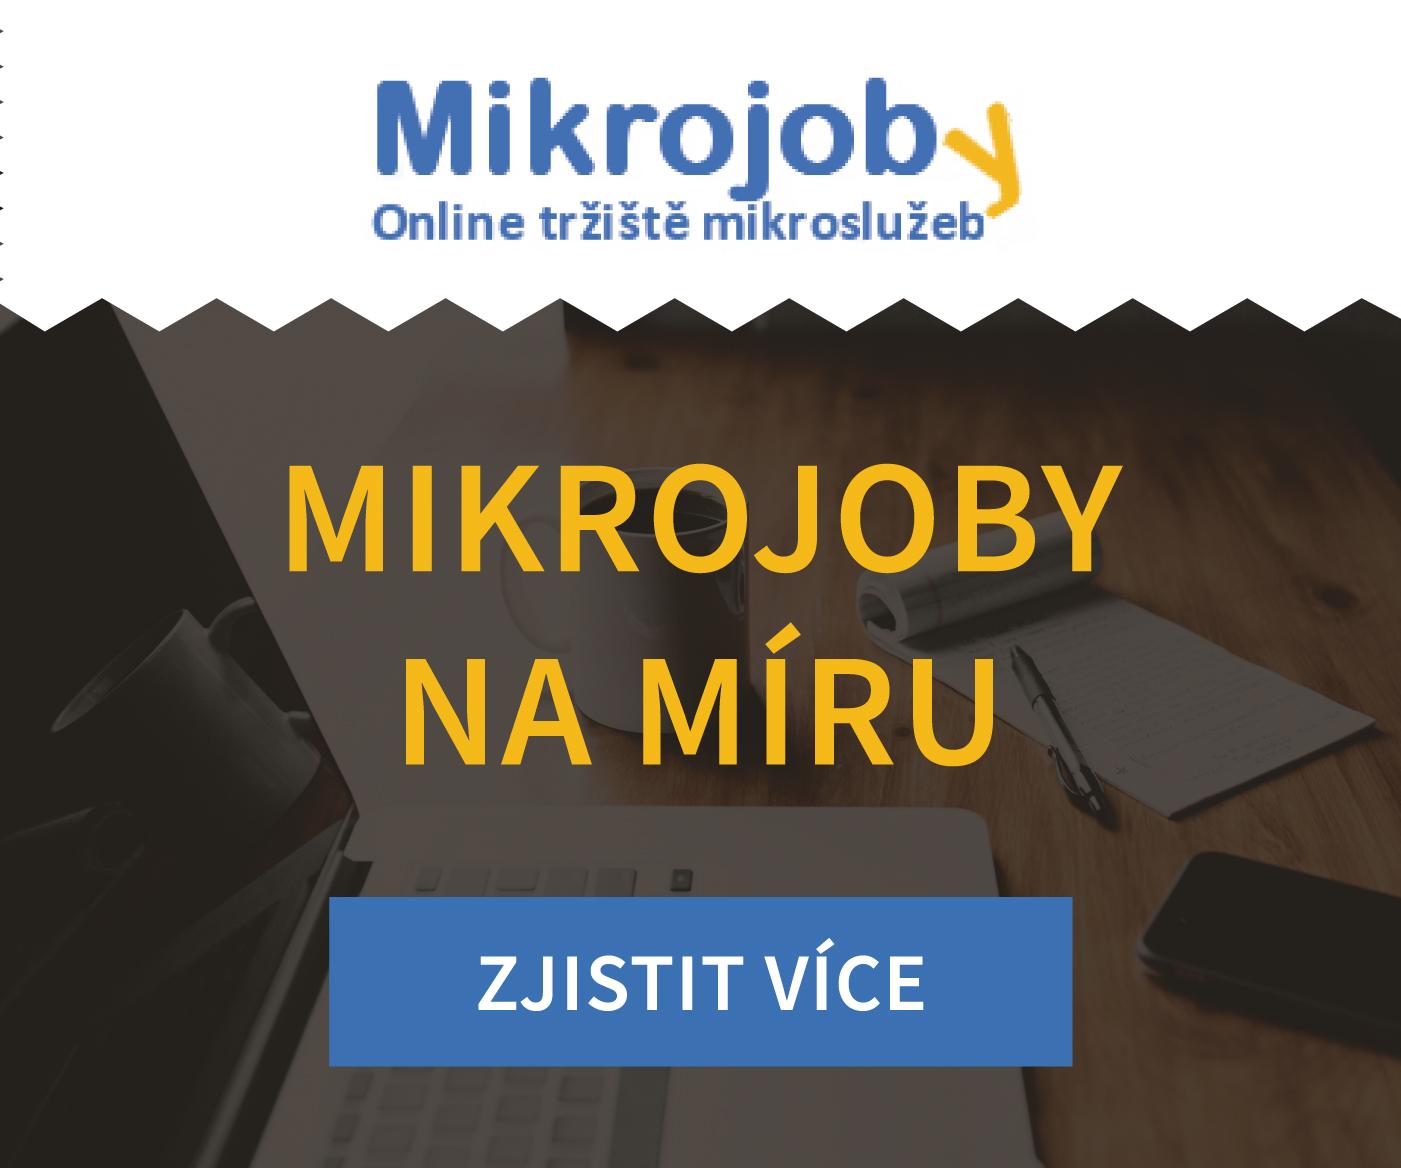 mikrojoby